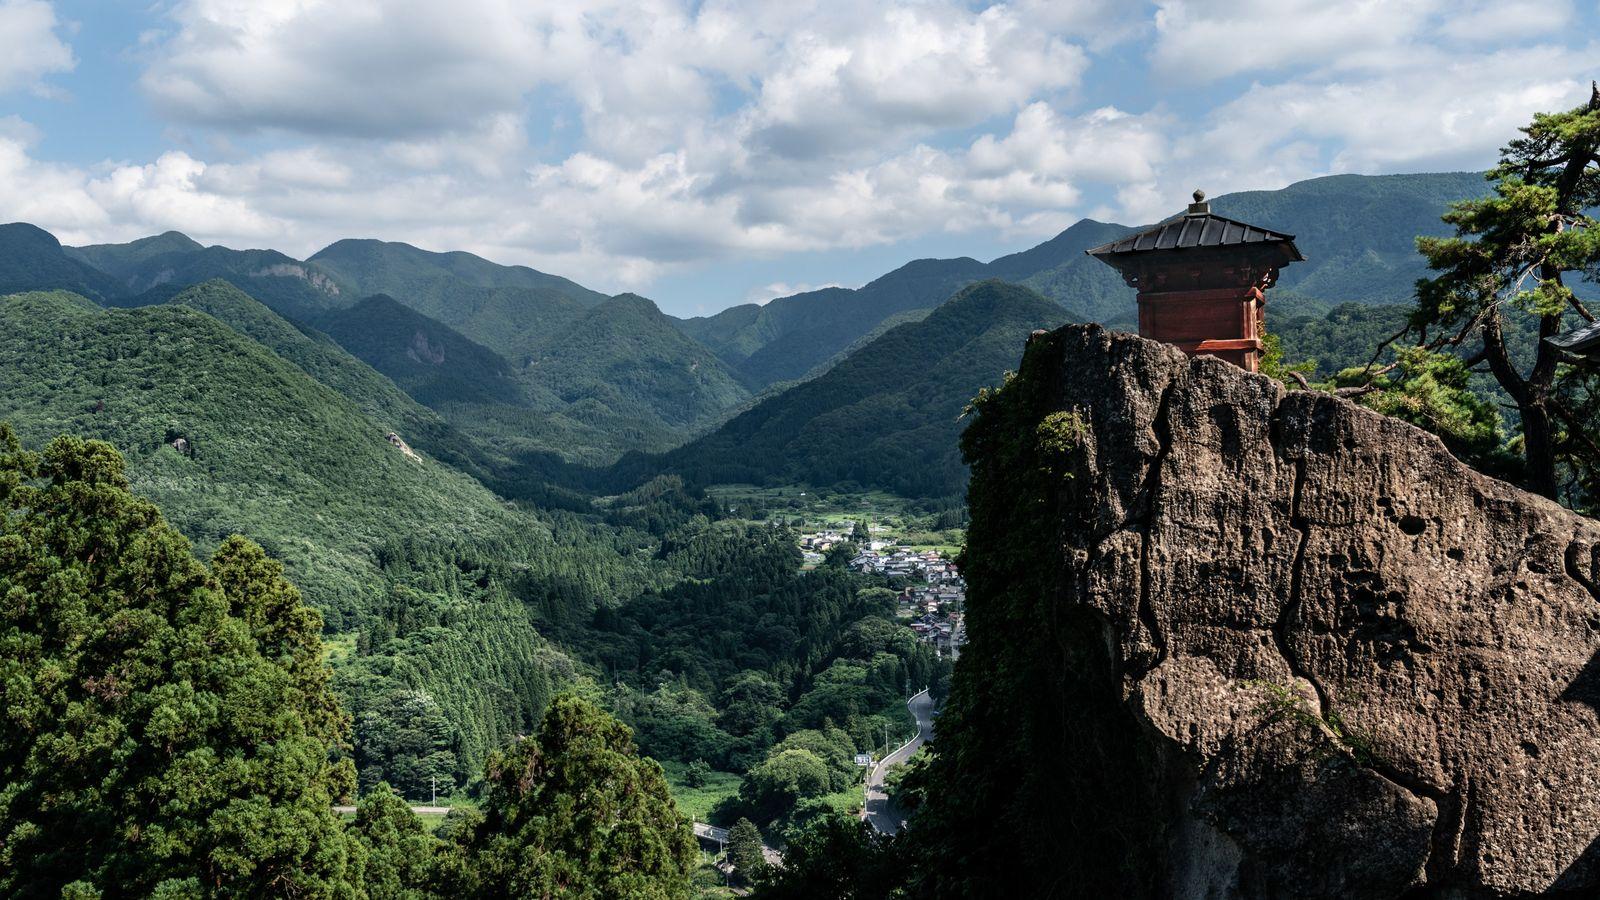 Vue spectaculaireà Yamadera,du temple Risshaku-ji sur le mont Hoshu, où s'était rendu le poète Matsuo Bashô. ...